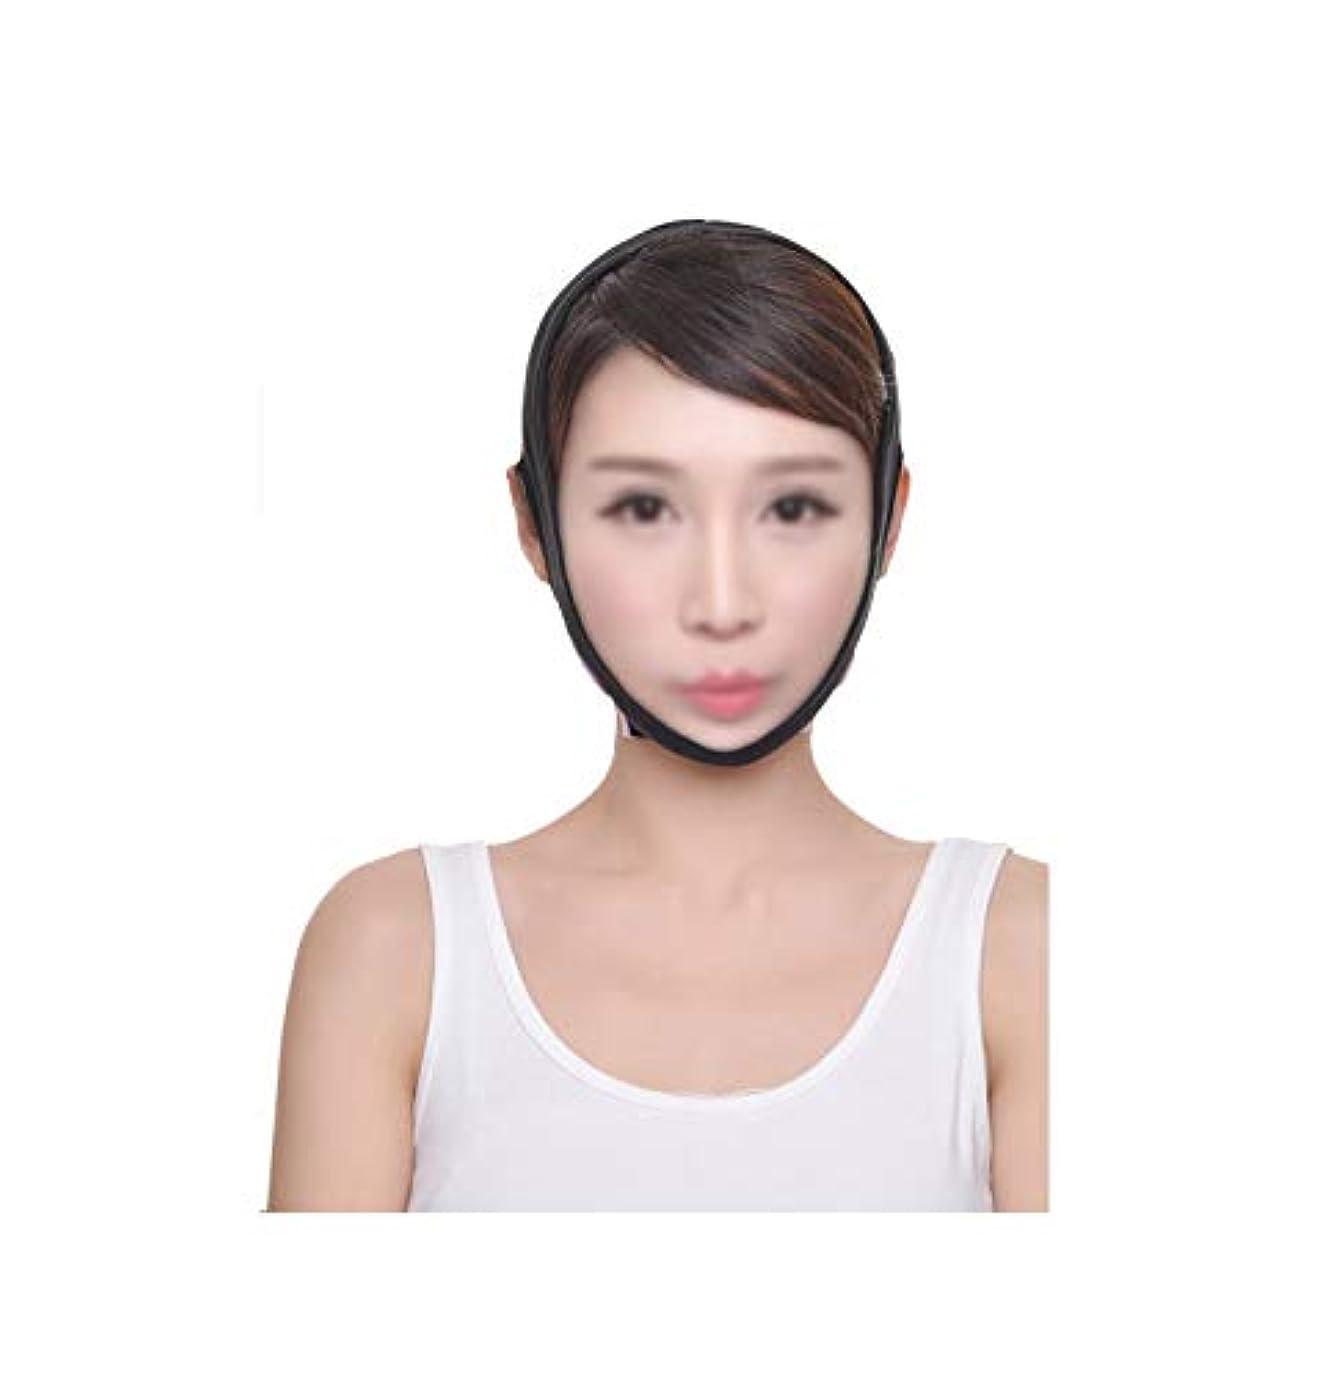 速記素晴らしき結核XHLMRMJ 引き締めフェイスマスク、フェイスリフティングアーティファクト脂肪吸引術脂肪吸引術後整形二重あご美容マスク黒フード (Size : M)